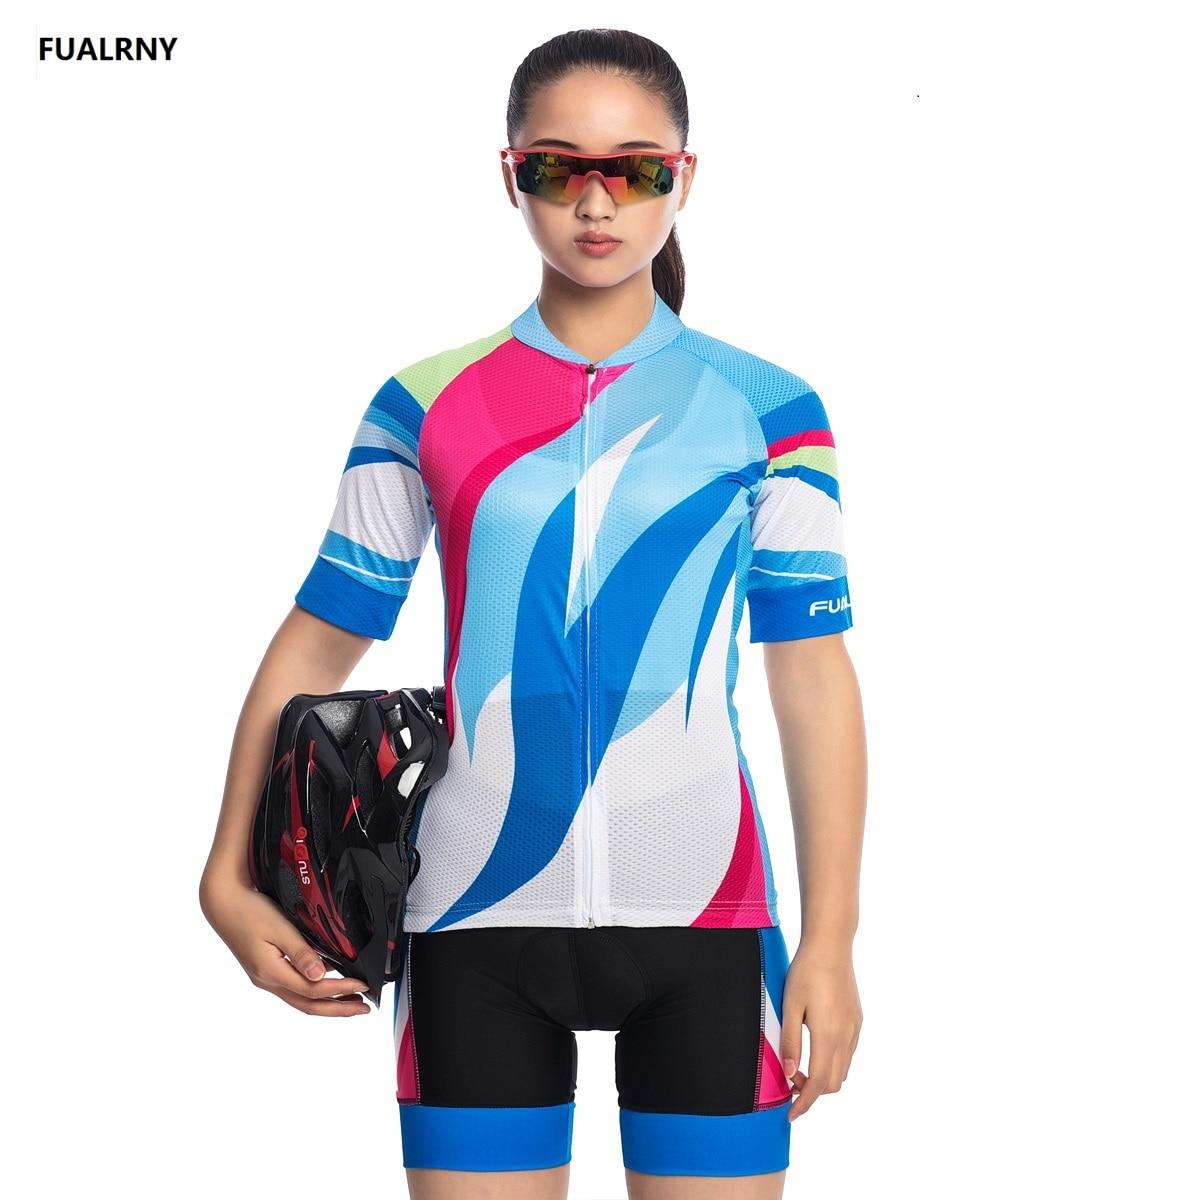 2018 FUALRNY Respirant Vélo Vêtements D'été UV Vêtements de Cyclisme À Séchage Rapide Cyclisme Jersey Set Femmes Vélo Shirt 100% Polyester